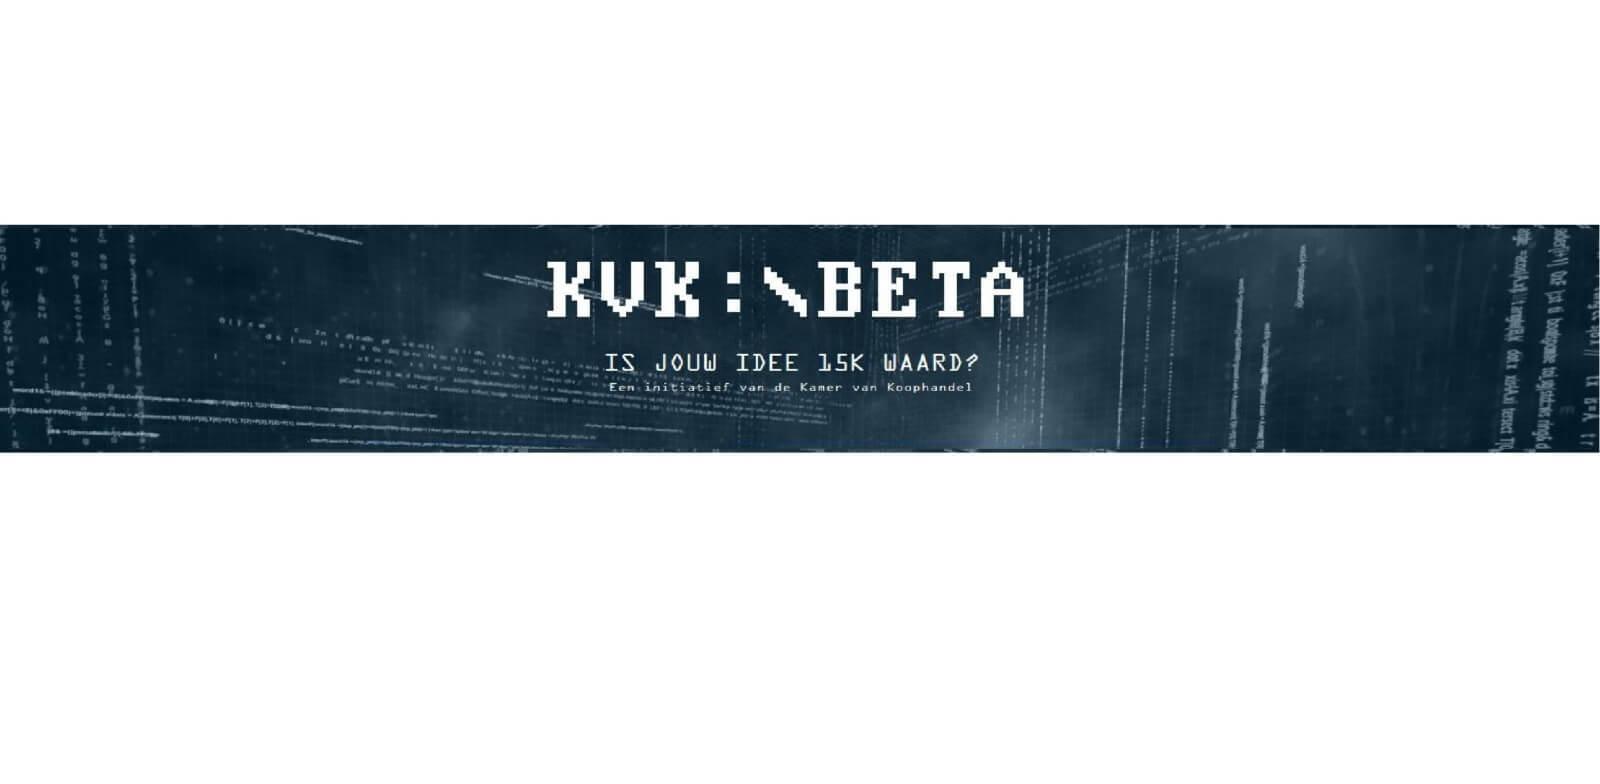 Help Nederlandse IT-startups om een snellere en succesvollere marktintroductie te realiseren, doe mee met de KVK:\BETA challenge!